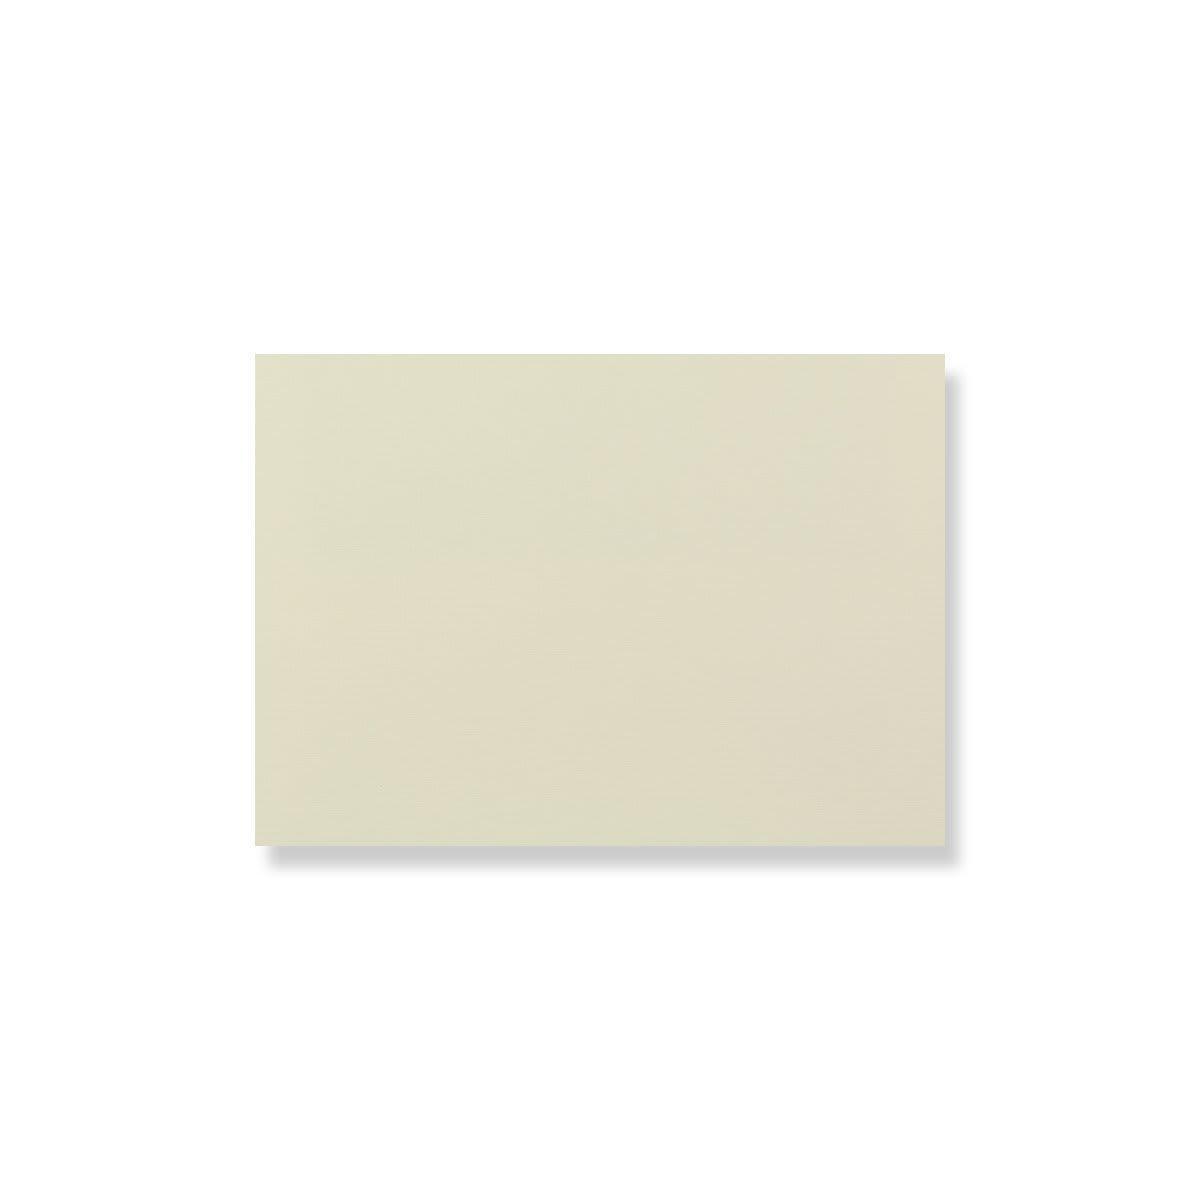 130 x 180mm PALE YELLOW LINEN ANNOUNCEMENT ENVELOPES